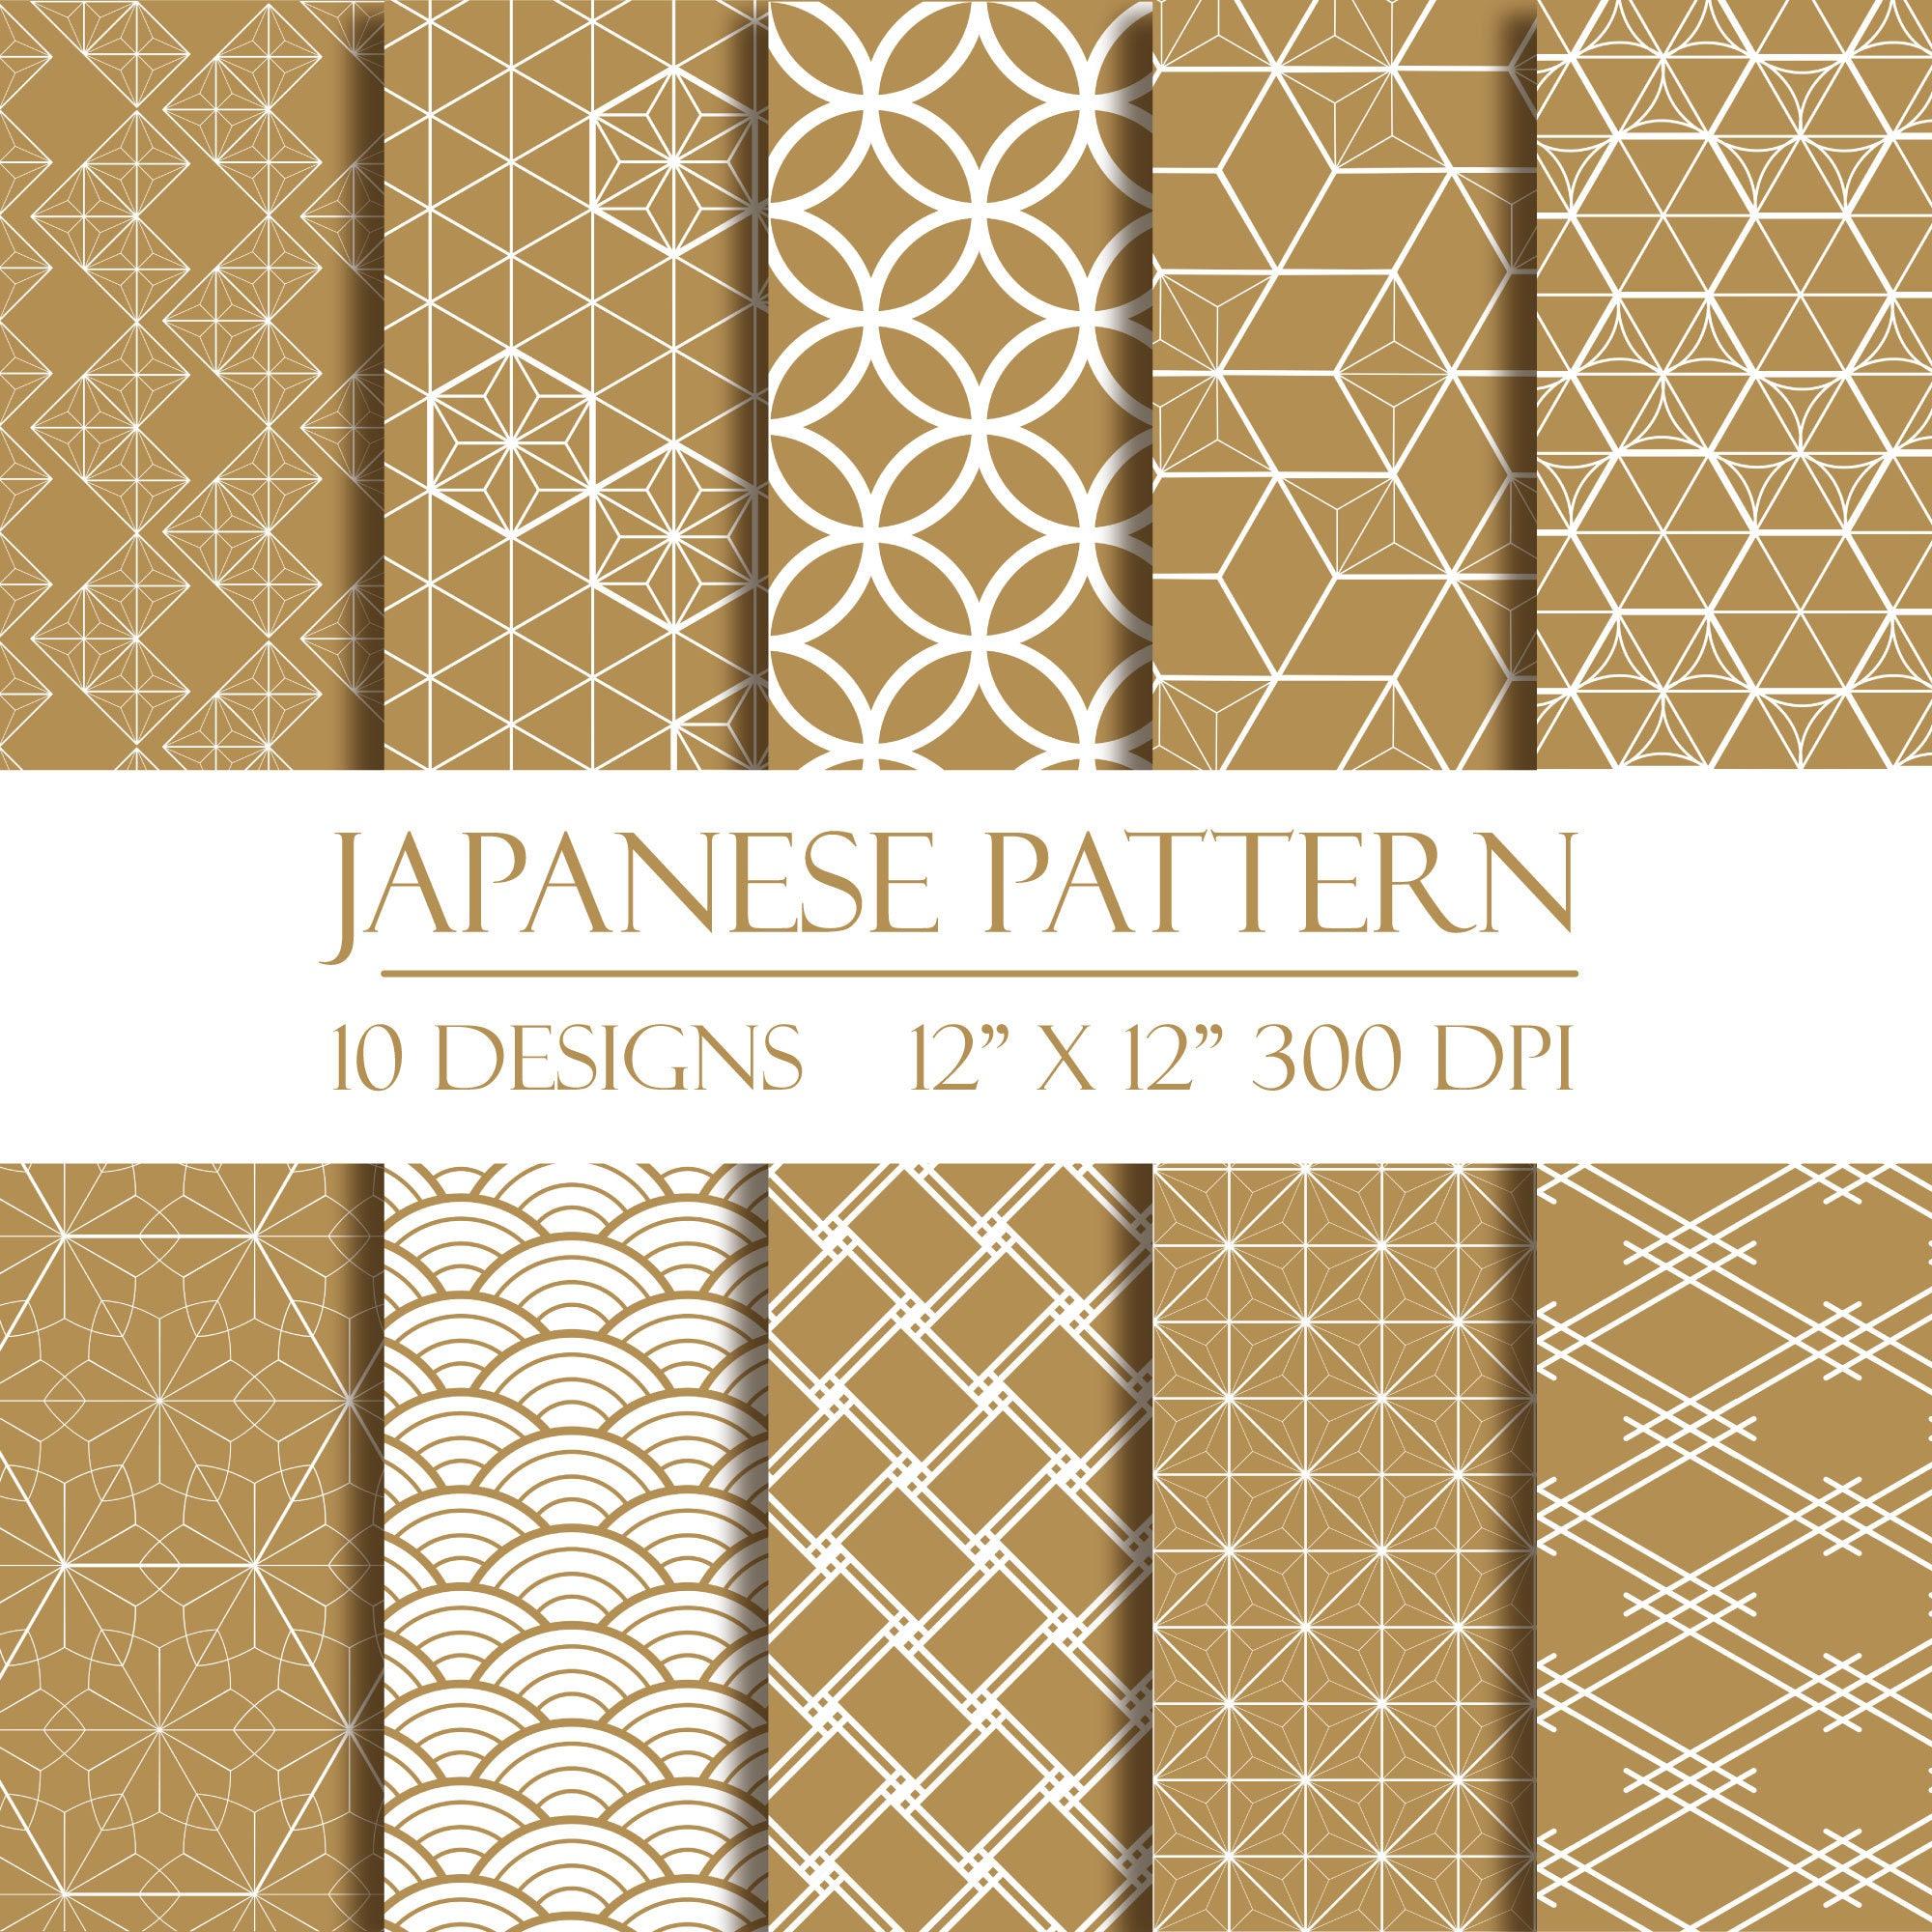 Japanese Design Patterns – Jerusalem House